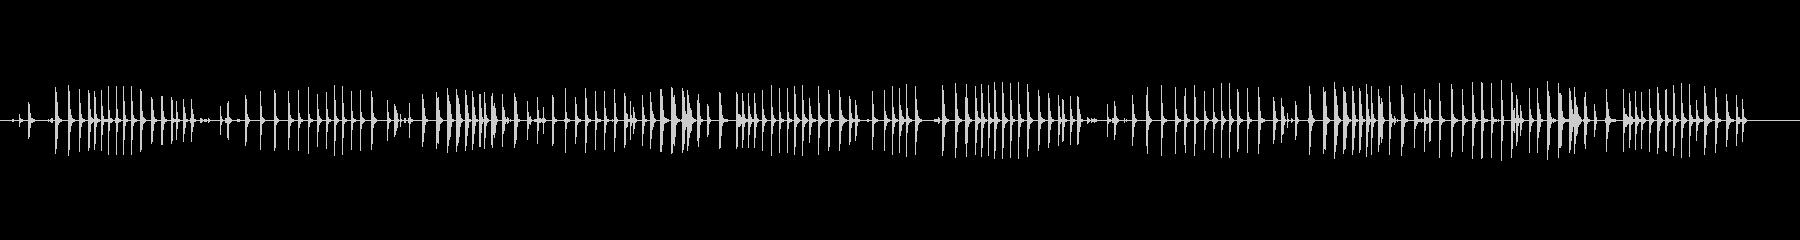 鍛冶屋0-50の未再生の波形